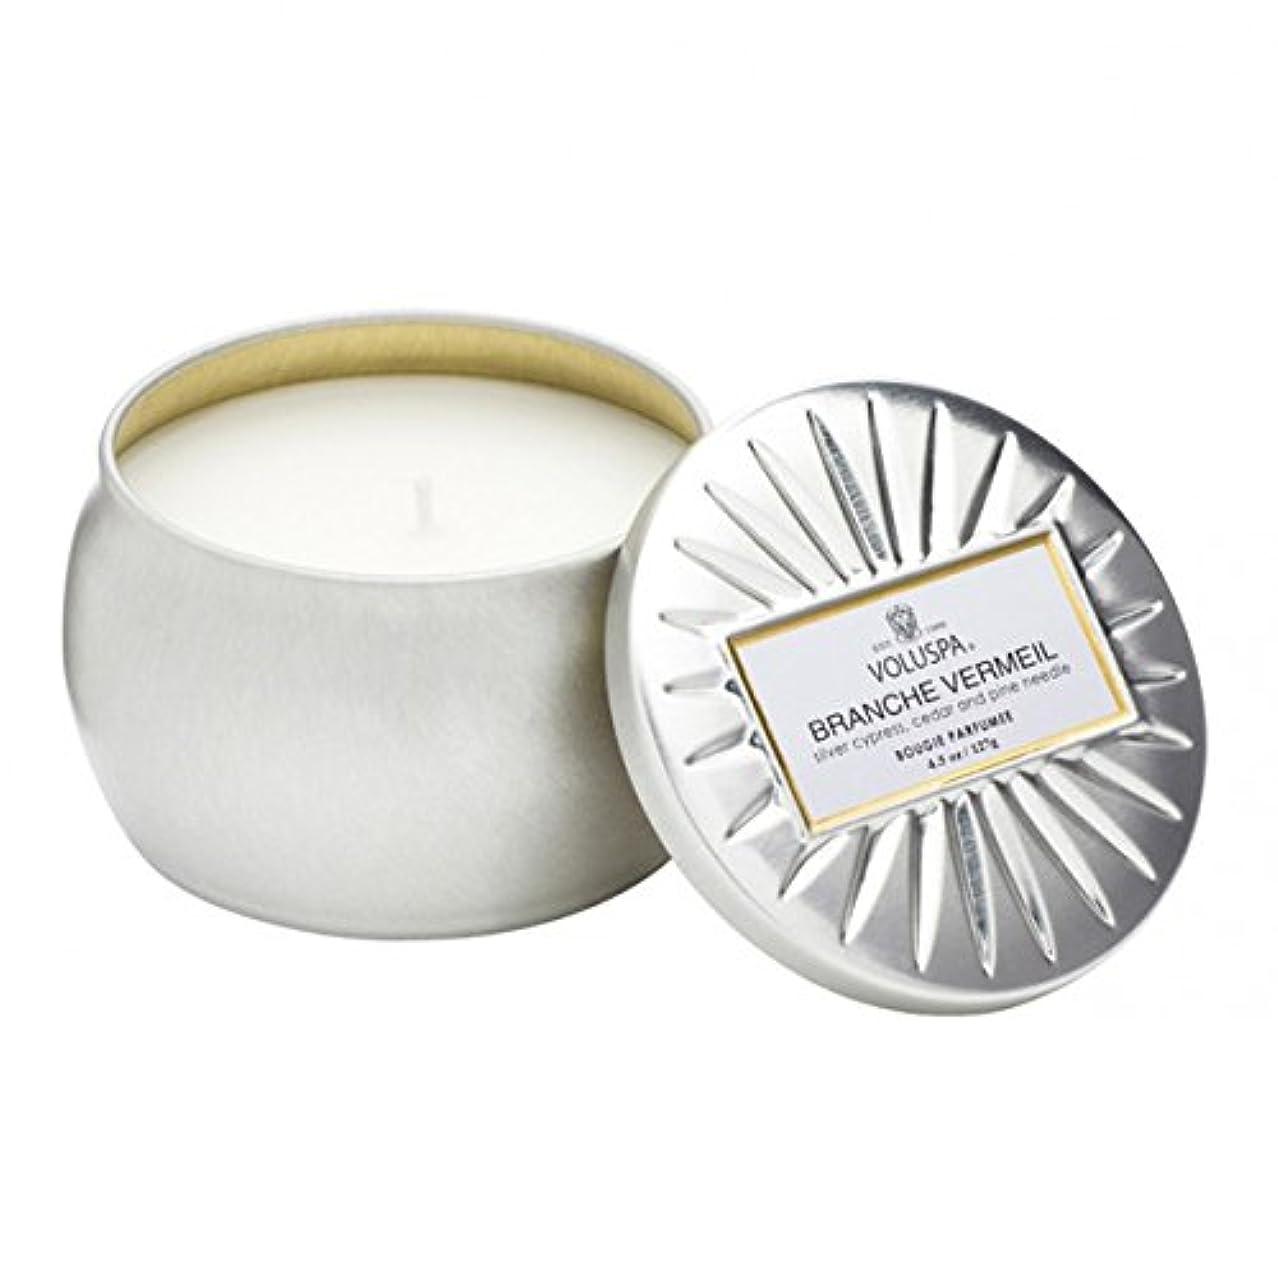 速度ワードローブ名前を作るVoluspa ボルスパ ヴァーメイル ティンキャンドル  S フ?ランチヴァーメイル BRANCHE VERMEIL VERMEIL PETITE Tin Glass Candle